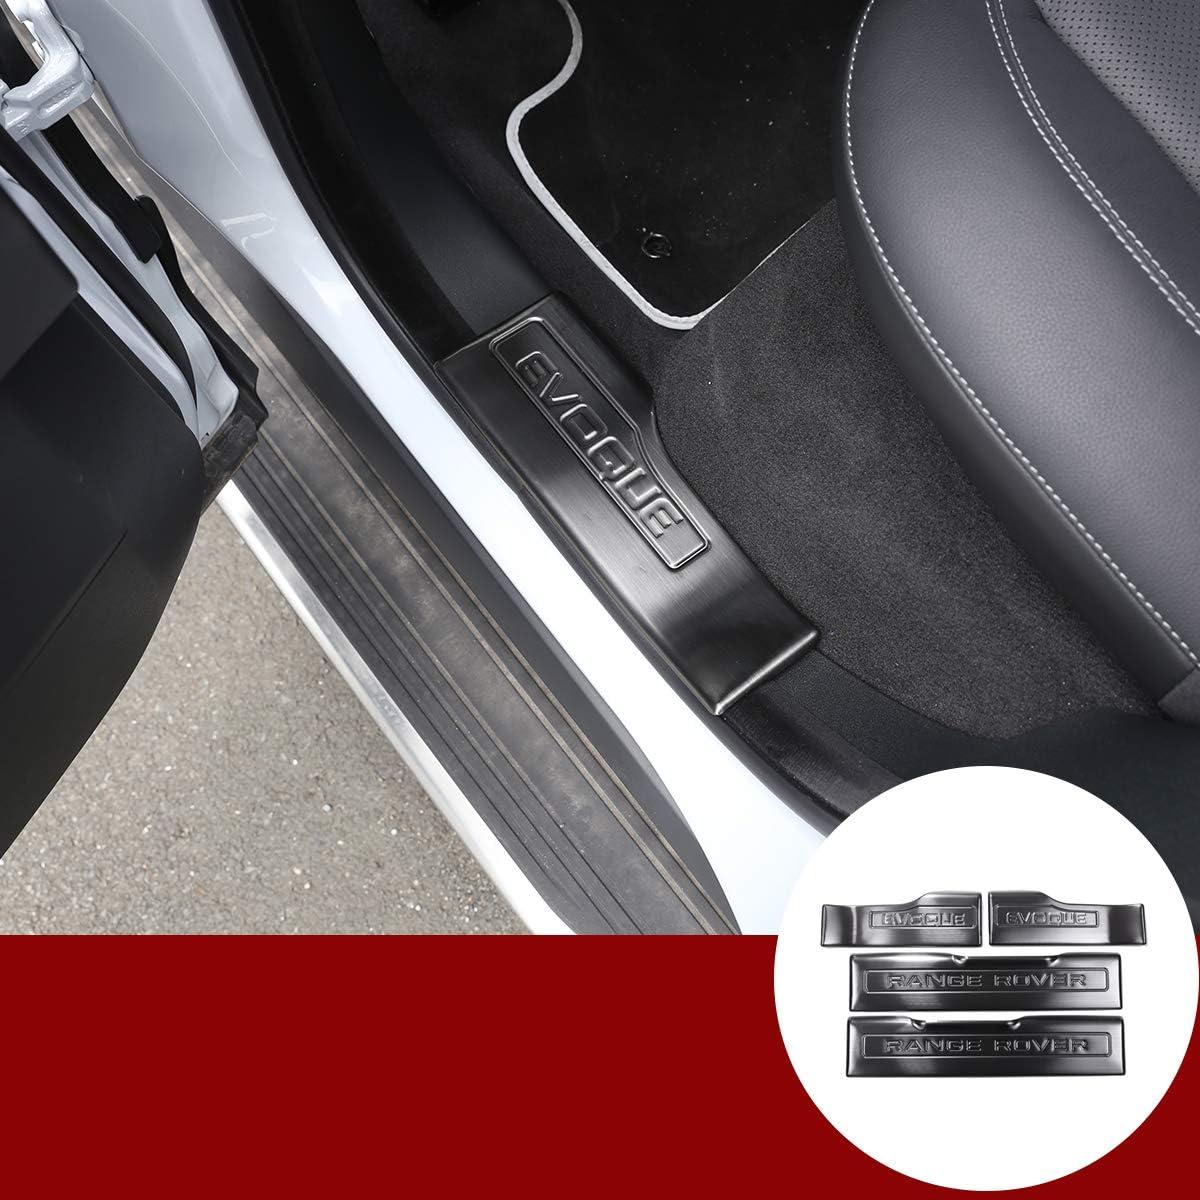 Yiwang 304 Edelstahl Innentürschwelle Abnutzungsschutz 4 Teilig Für Rangerover Evoque 2012 2018 Autozubehör Ohne Licht Auto